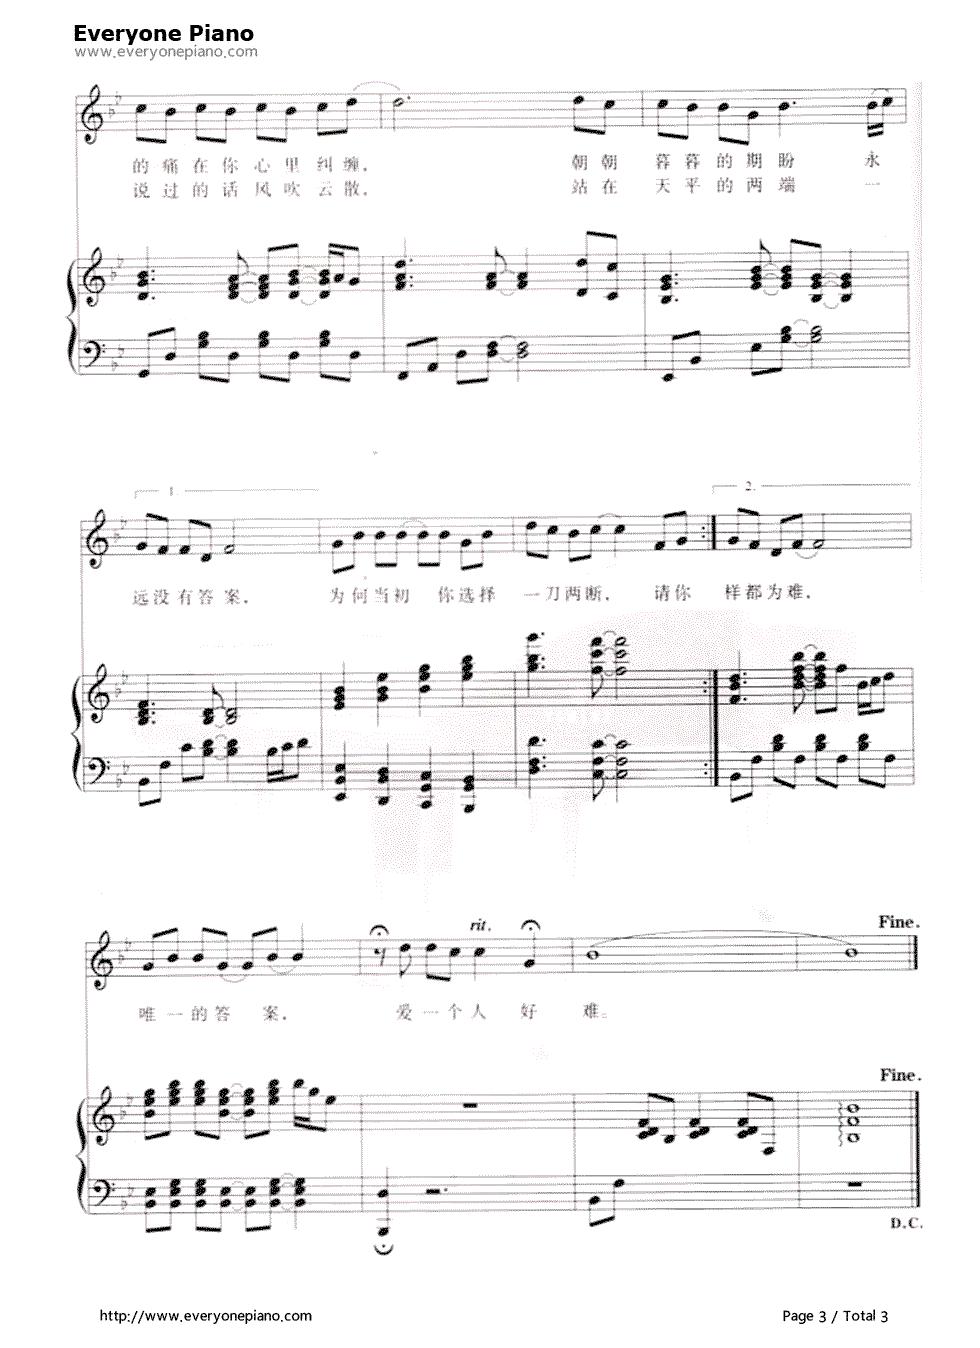 网站首页 钢琴曲谱 流行 爱一个人好难独奏版-苏永康 >> 爱一个人好难